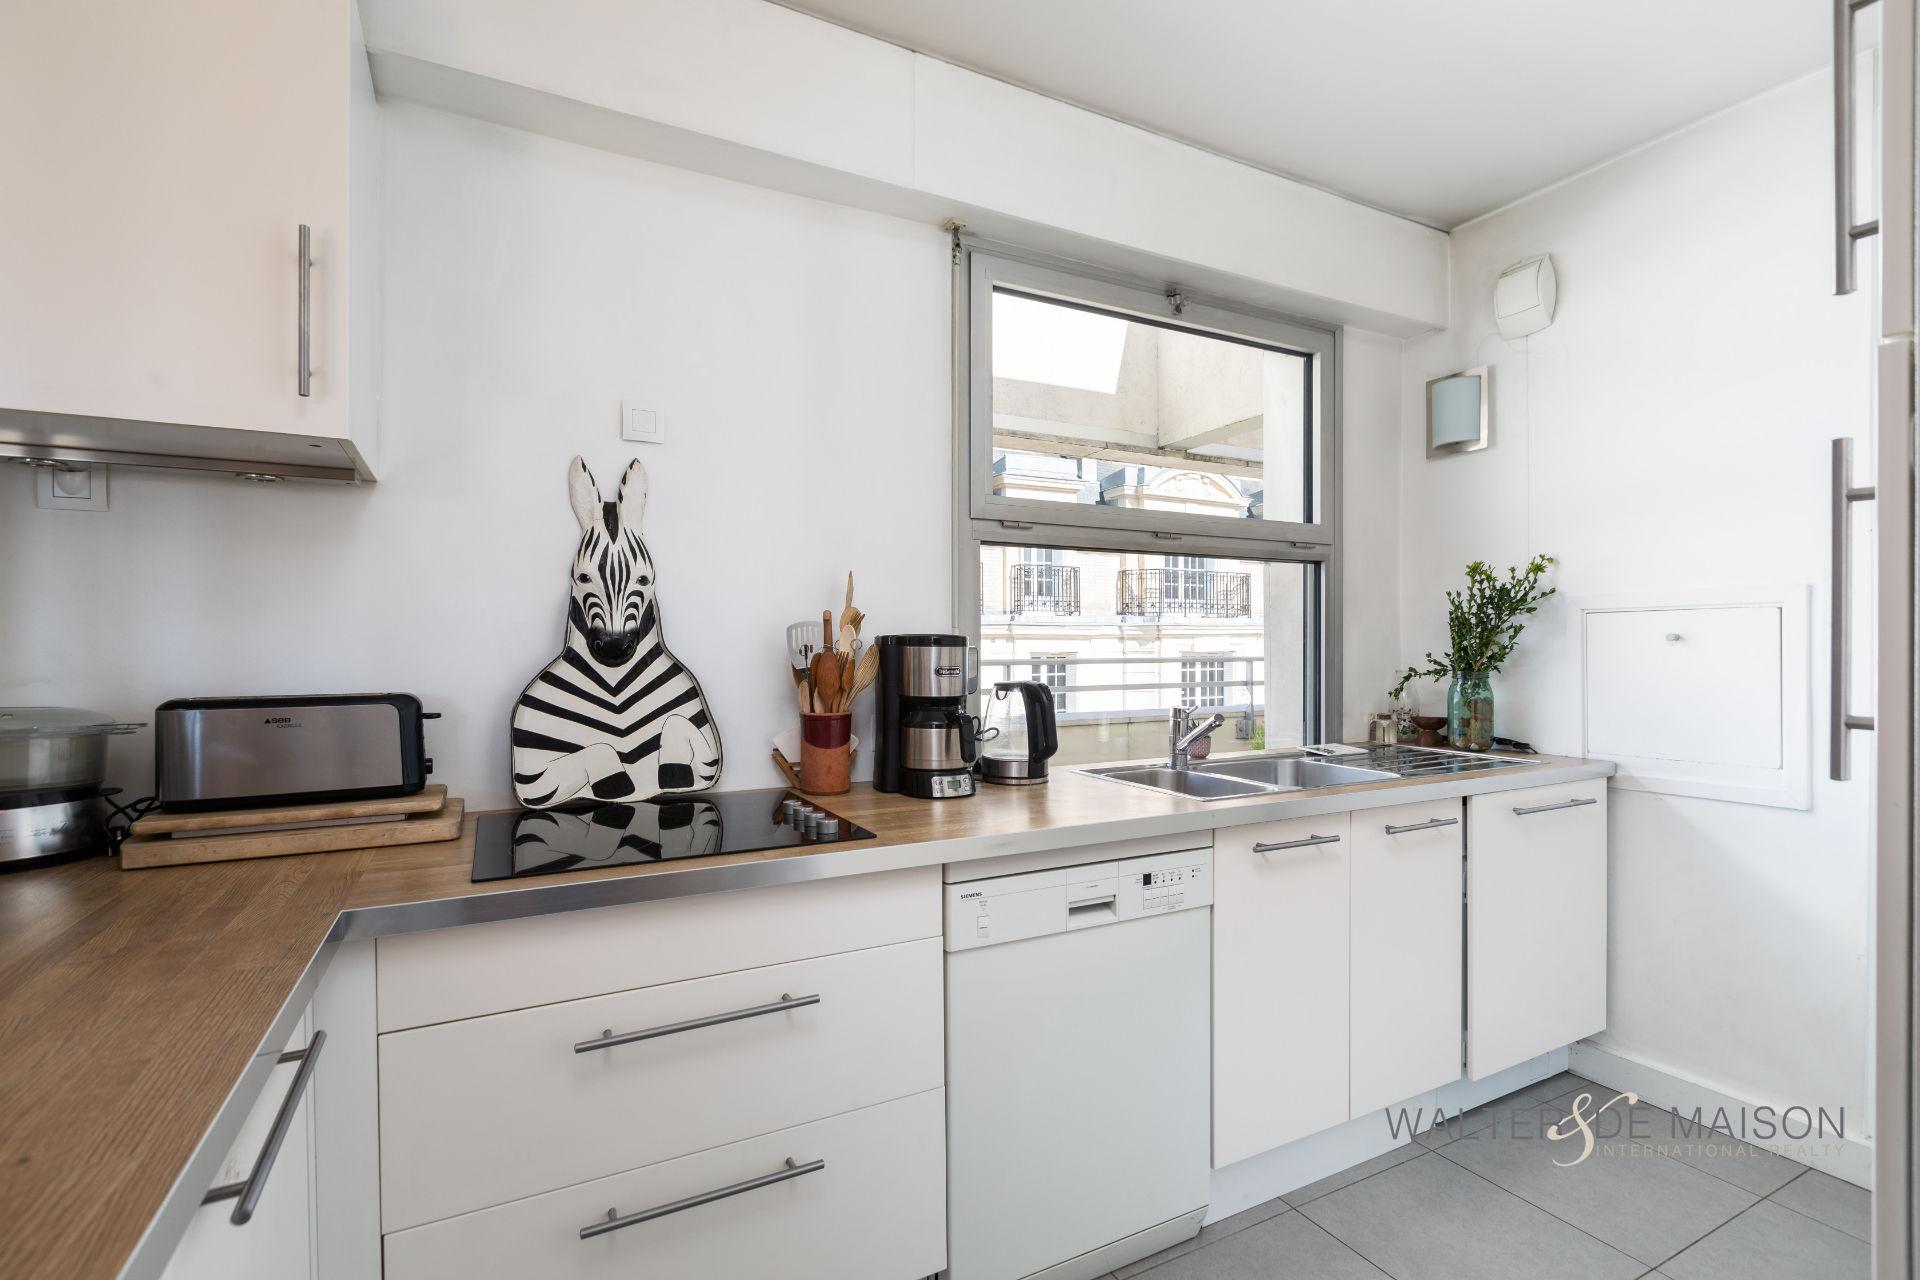 Appartement 4 pièce(s) 74 m²                         92300 LEVALLOIS PERRET